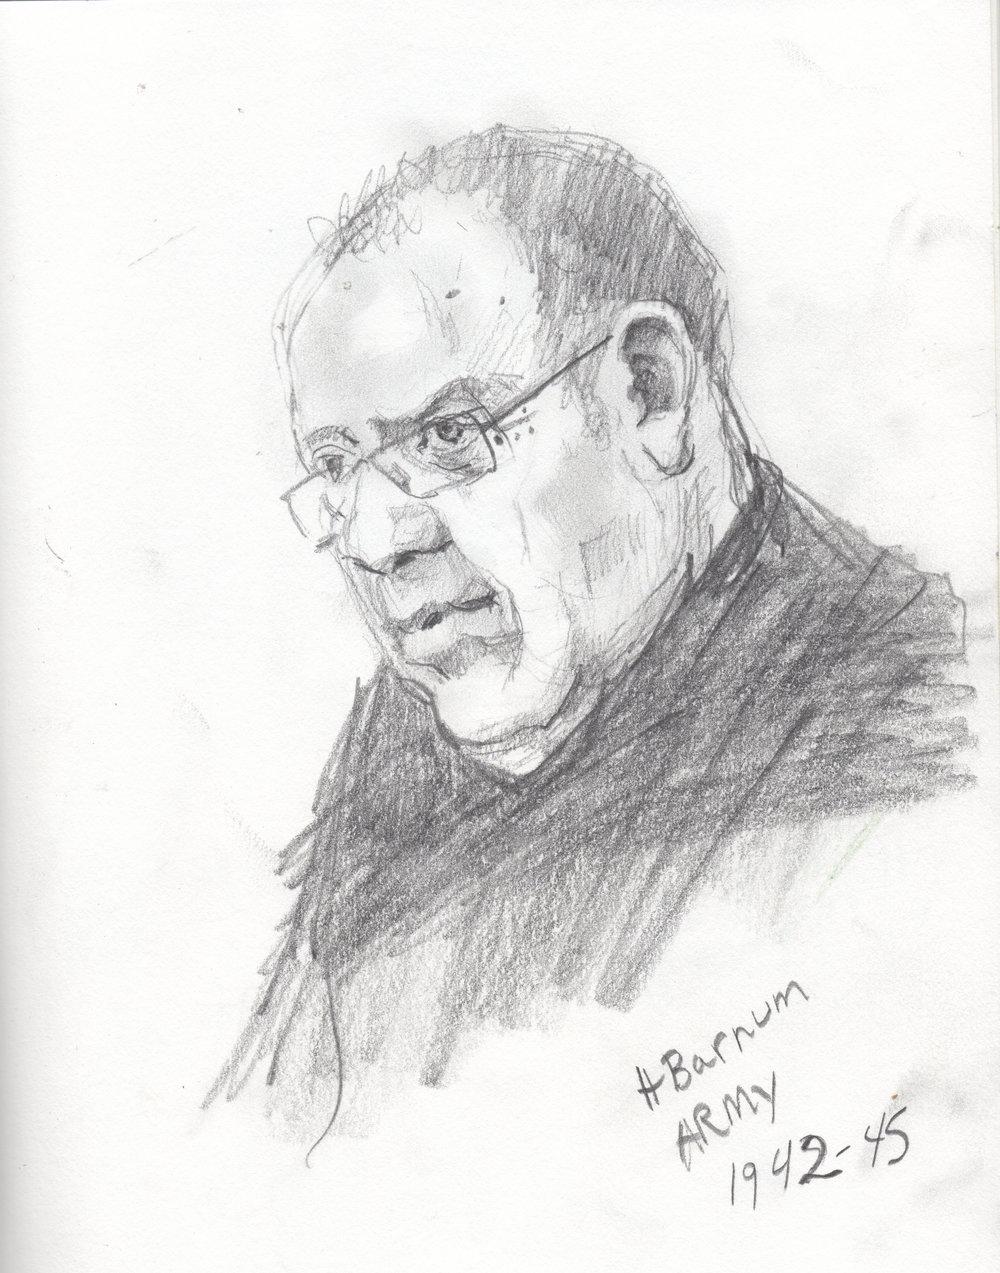 Herbert Barnum